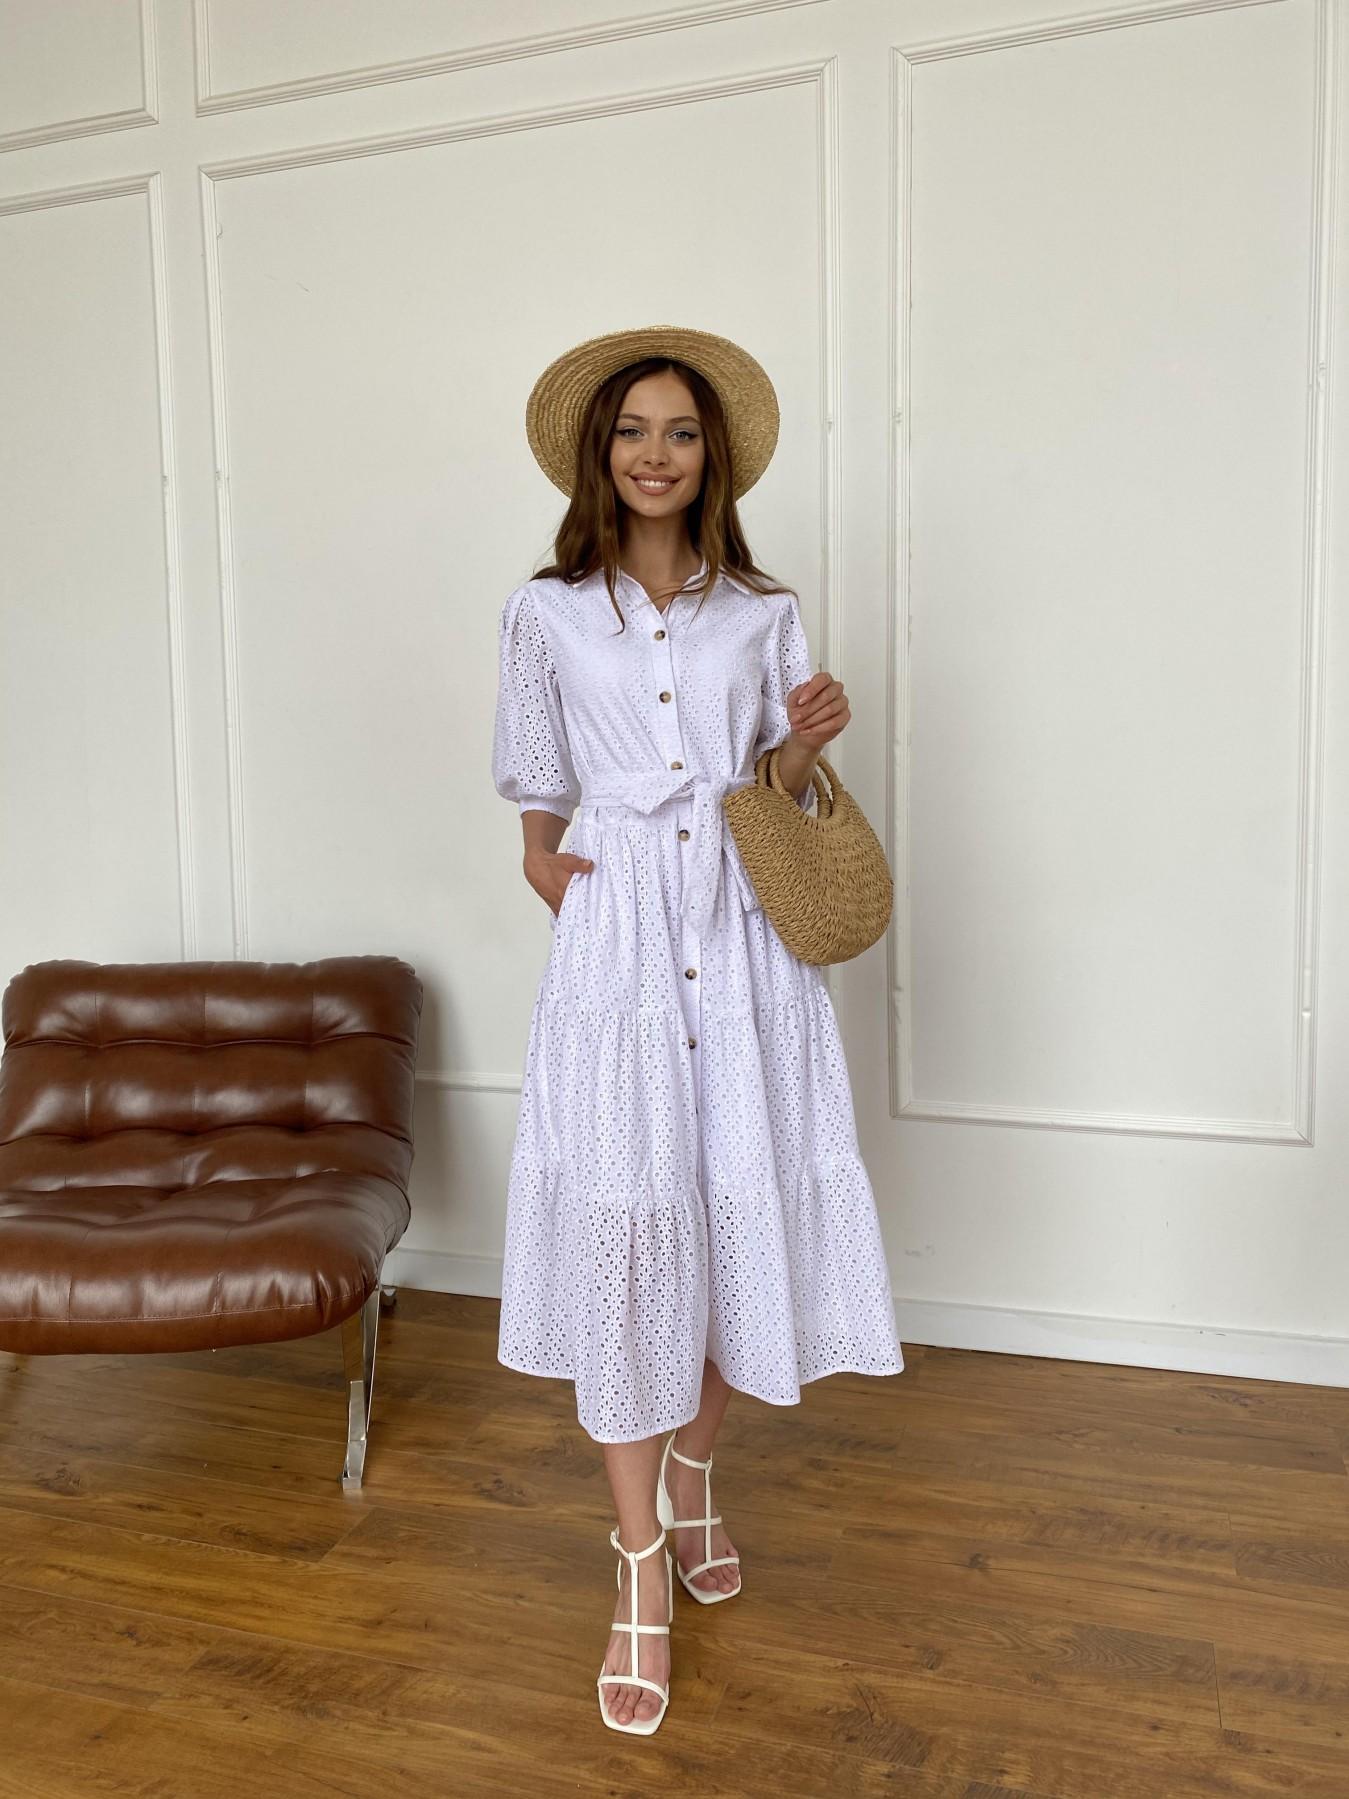 Коста Бланка платье с коротким рукавом из прошвы 11359 АРТ. 47966 Цвет: Белый/МелЦветПерфор - фото 8, интернет магазин tm-modus.ru